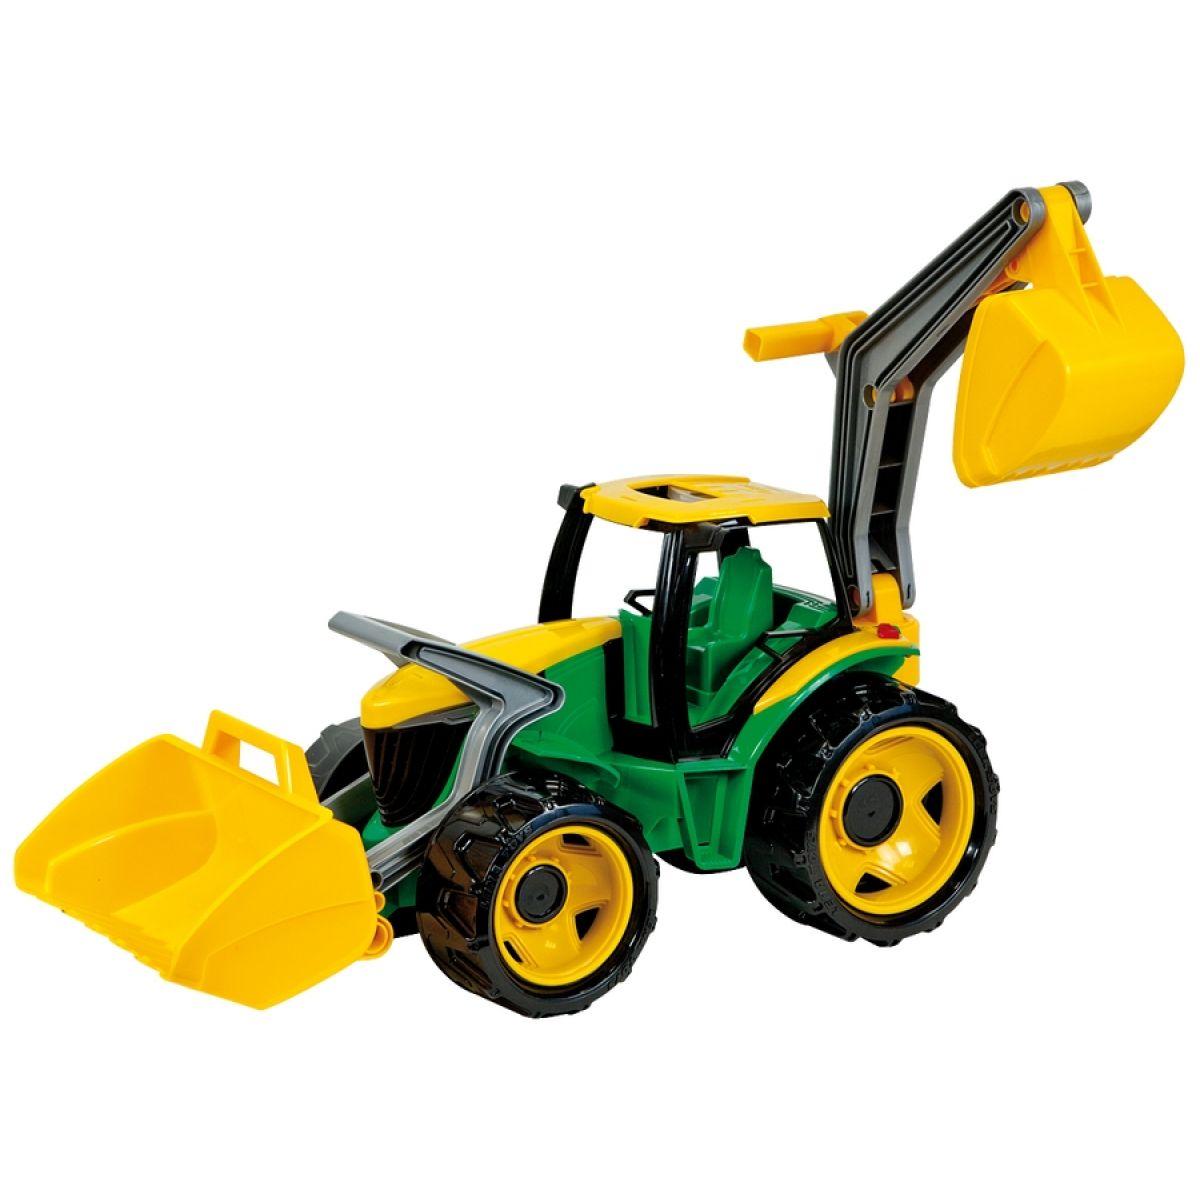 LENA 02080 - Traktor se lžící a bagrem, zeleno žlutý